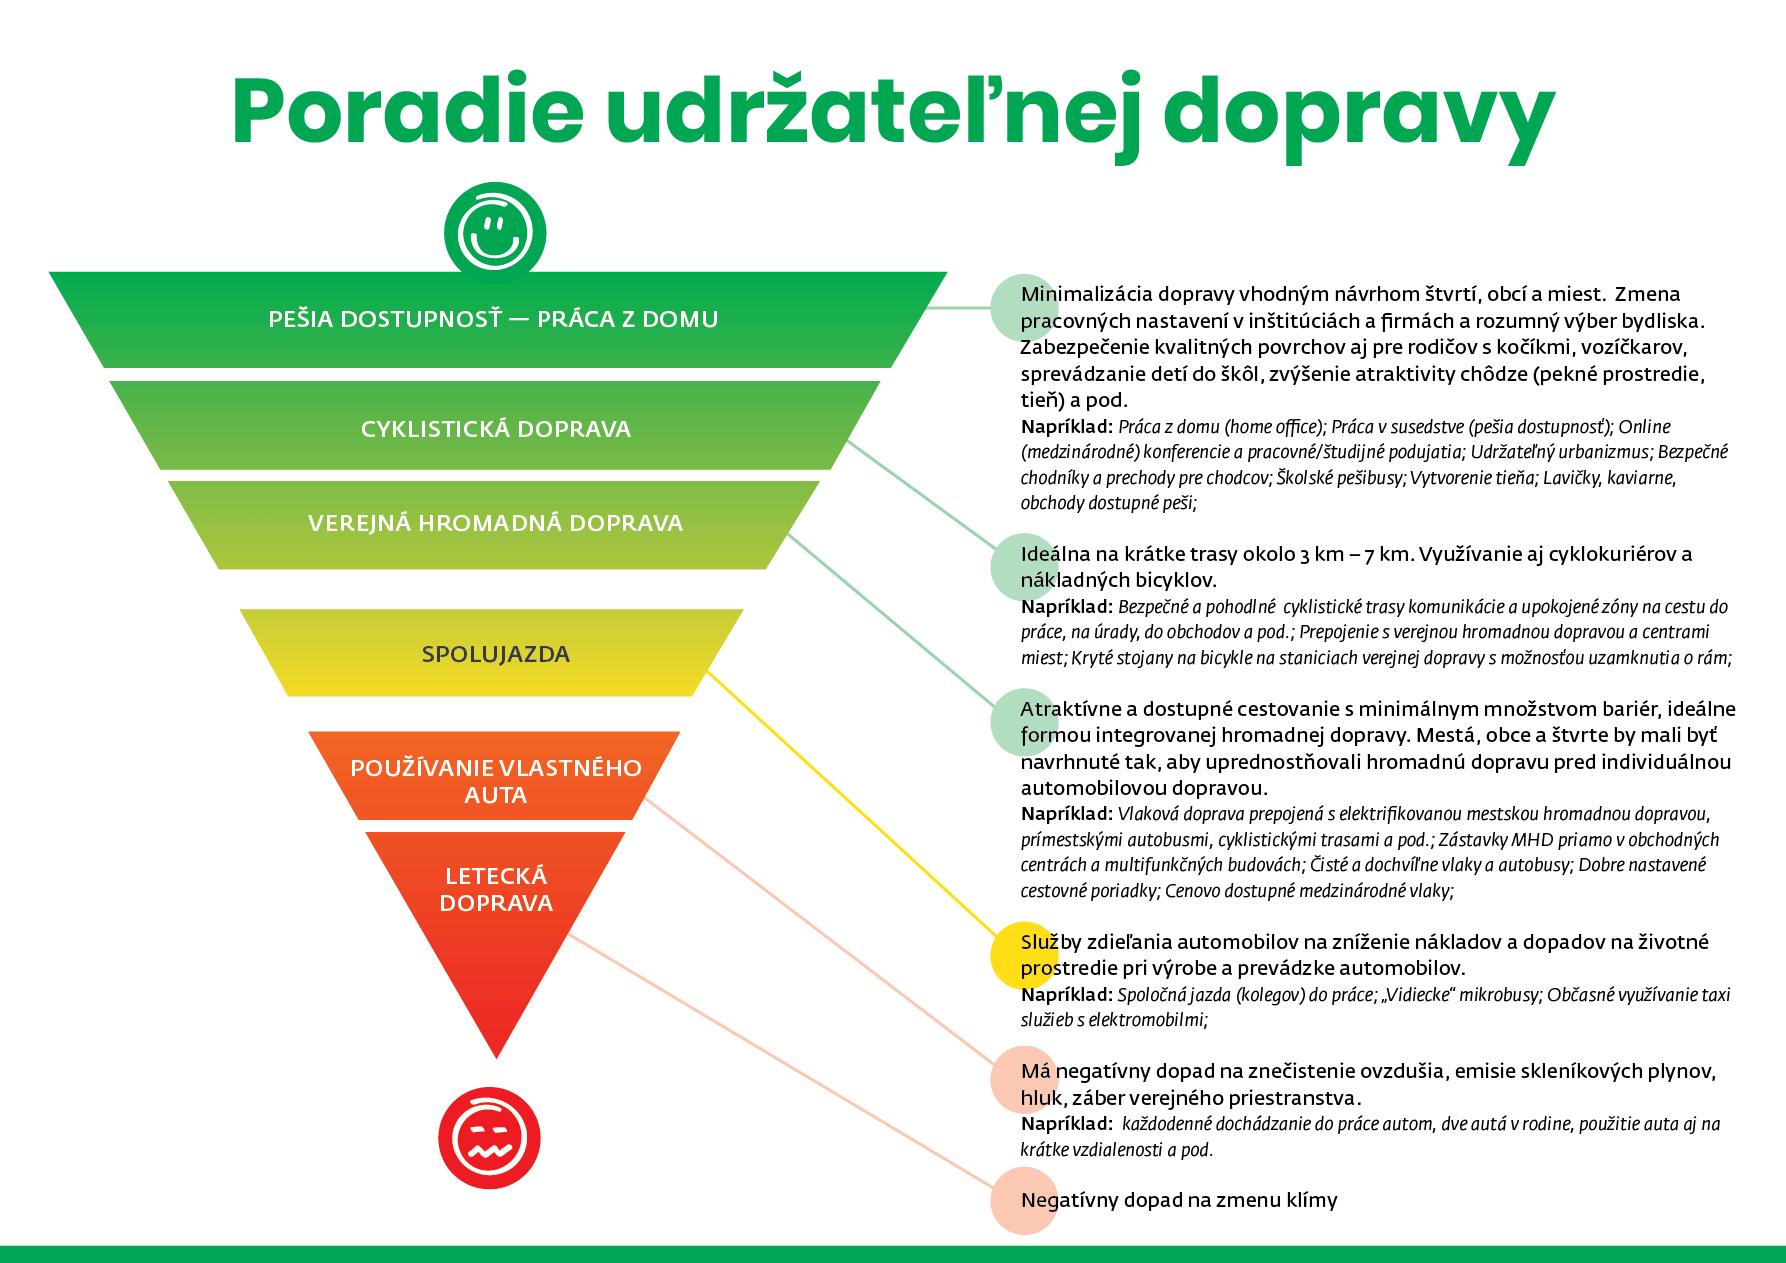 cepa-infografika-pyramida-04401.5x.png?ssl=1